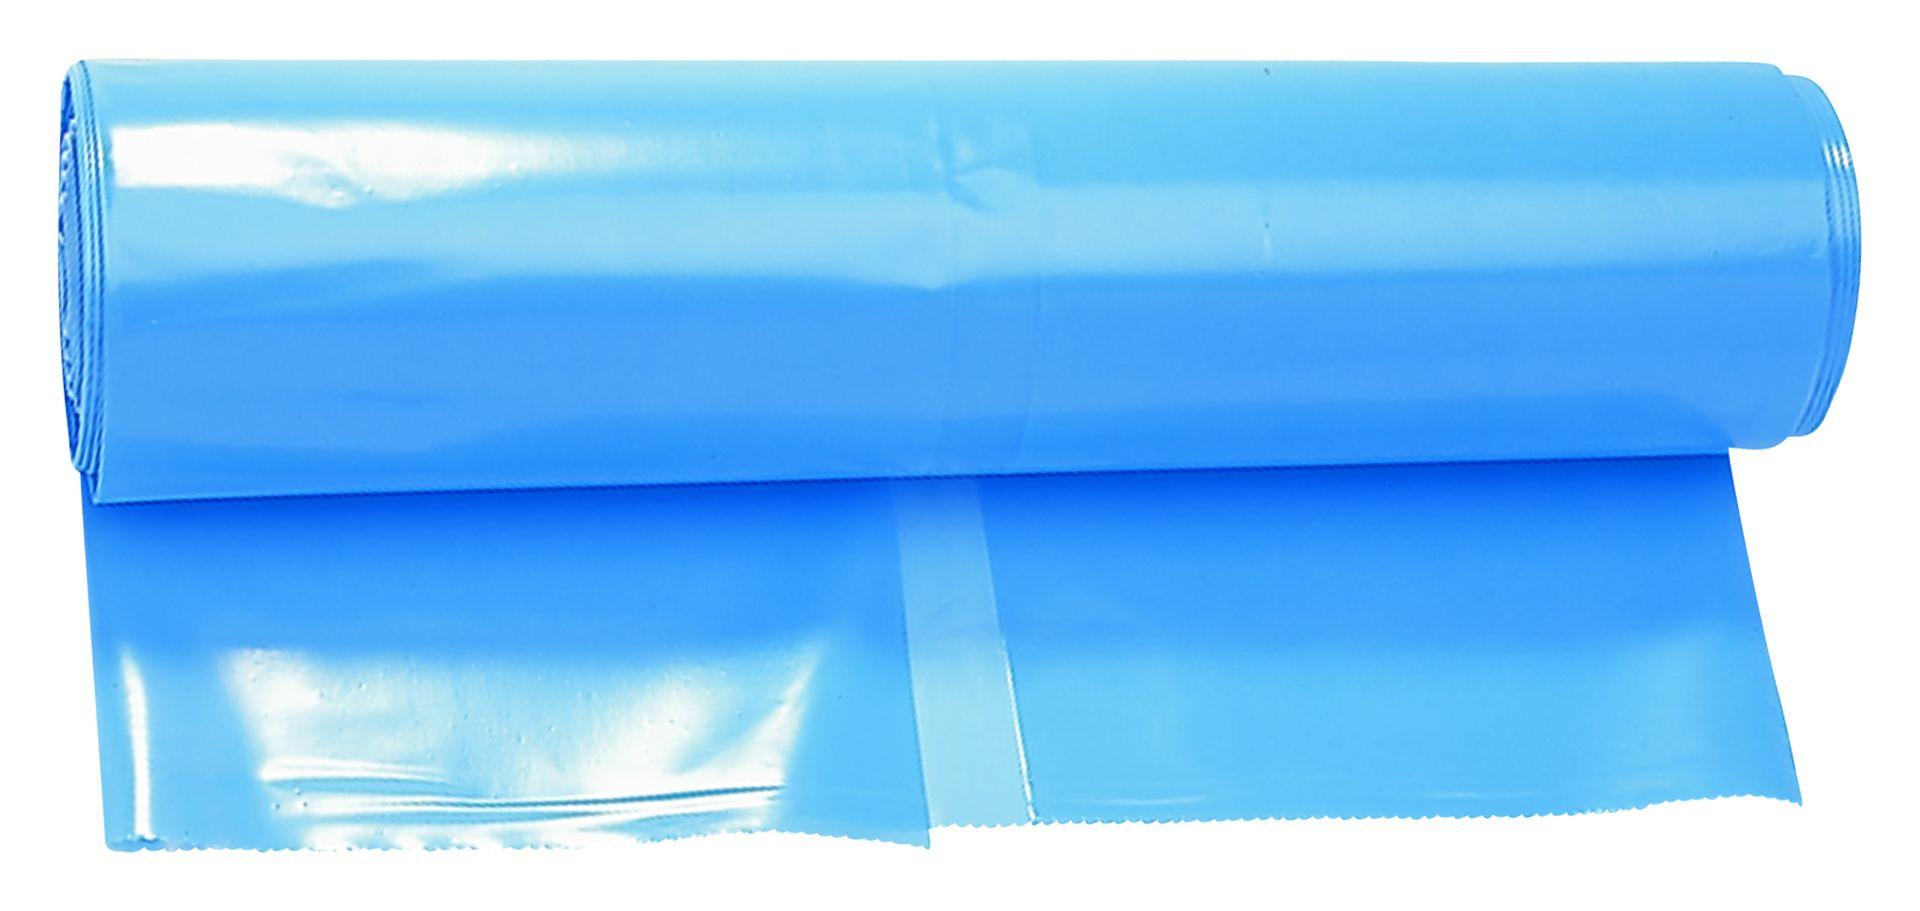 STORCH Abfallsäcke, 120 l, 0,06 mm stark, 25 Stück